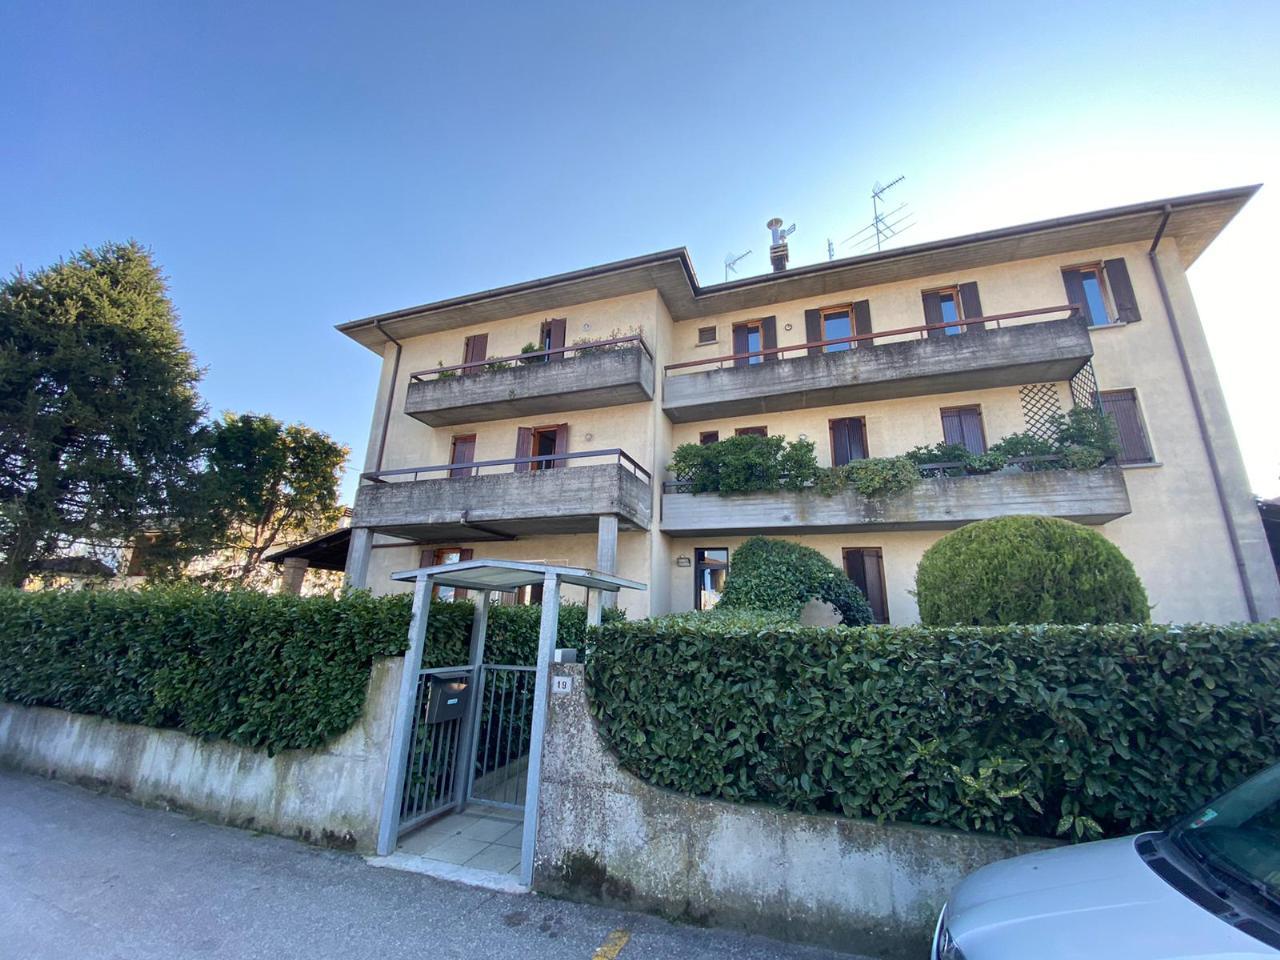 Appartamento GERRE DE' CAPRIOLI Euro 80.000,00